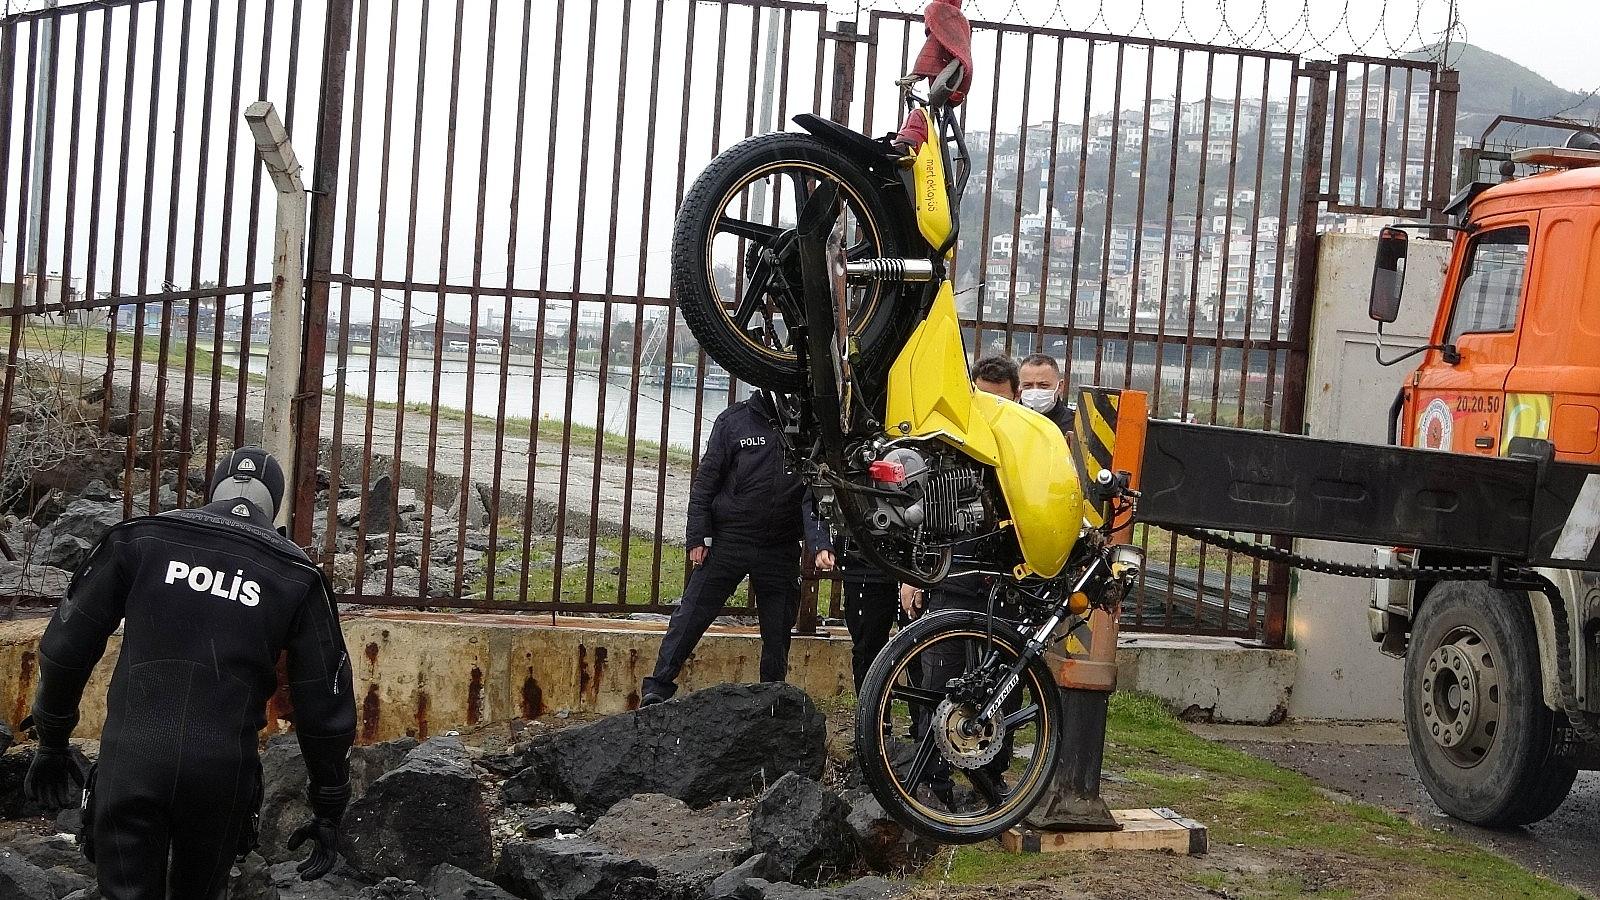 2021/04/samsunda-denizin-icinde-motosiklet-bulundu-20210402AW28-5.jpg